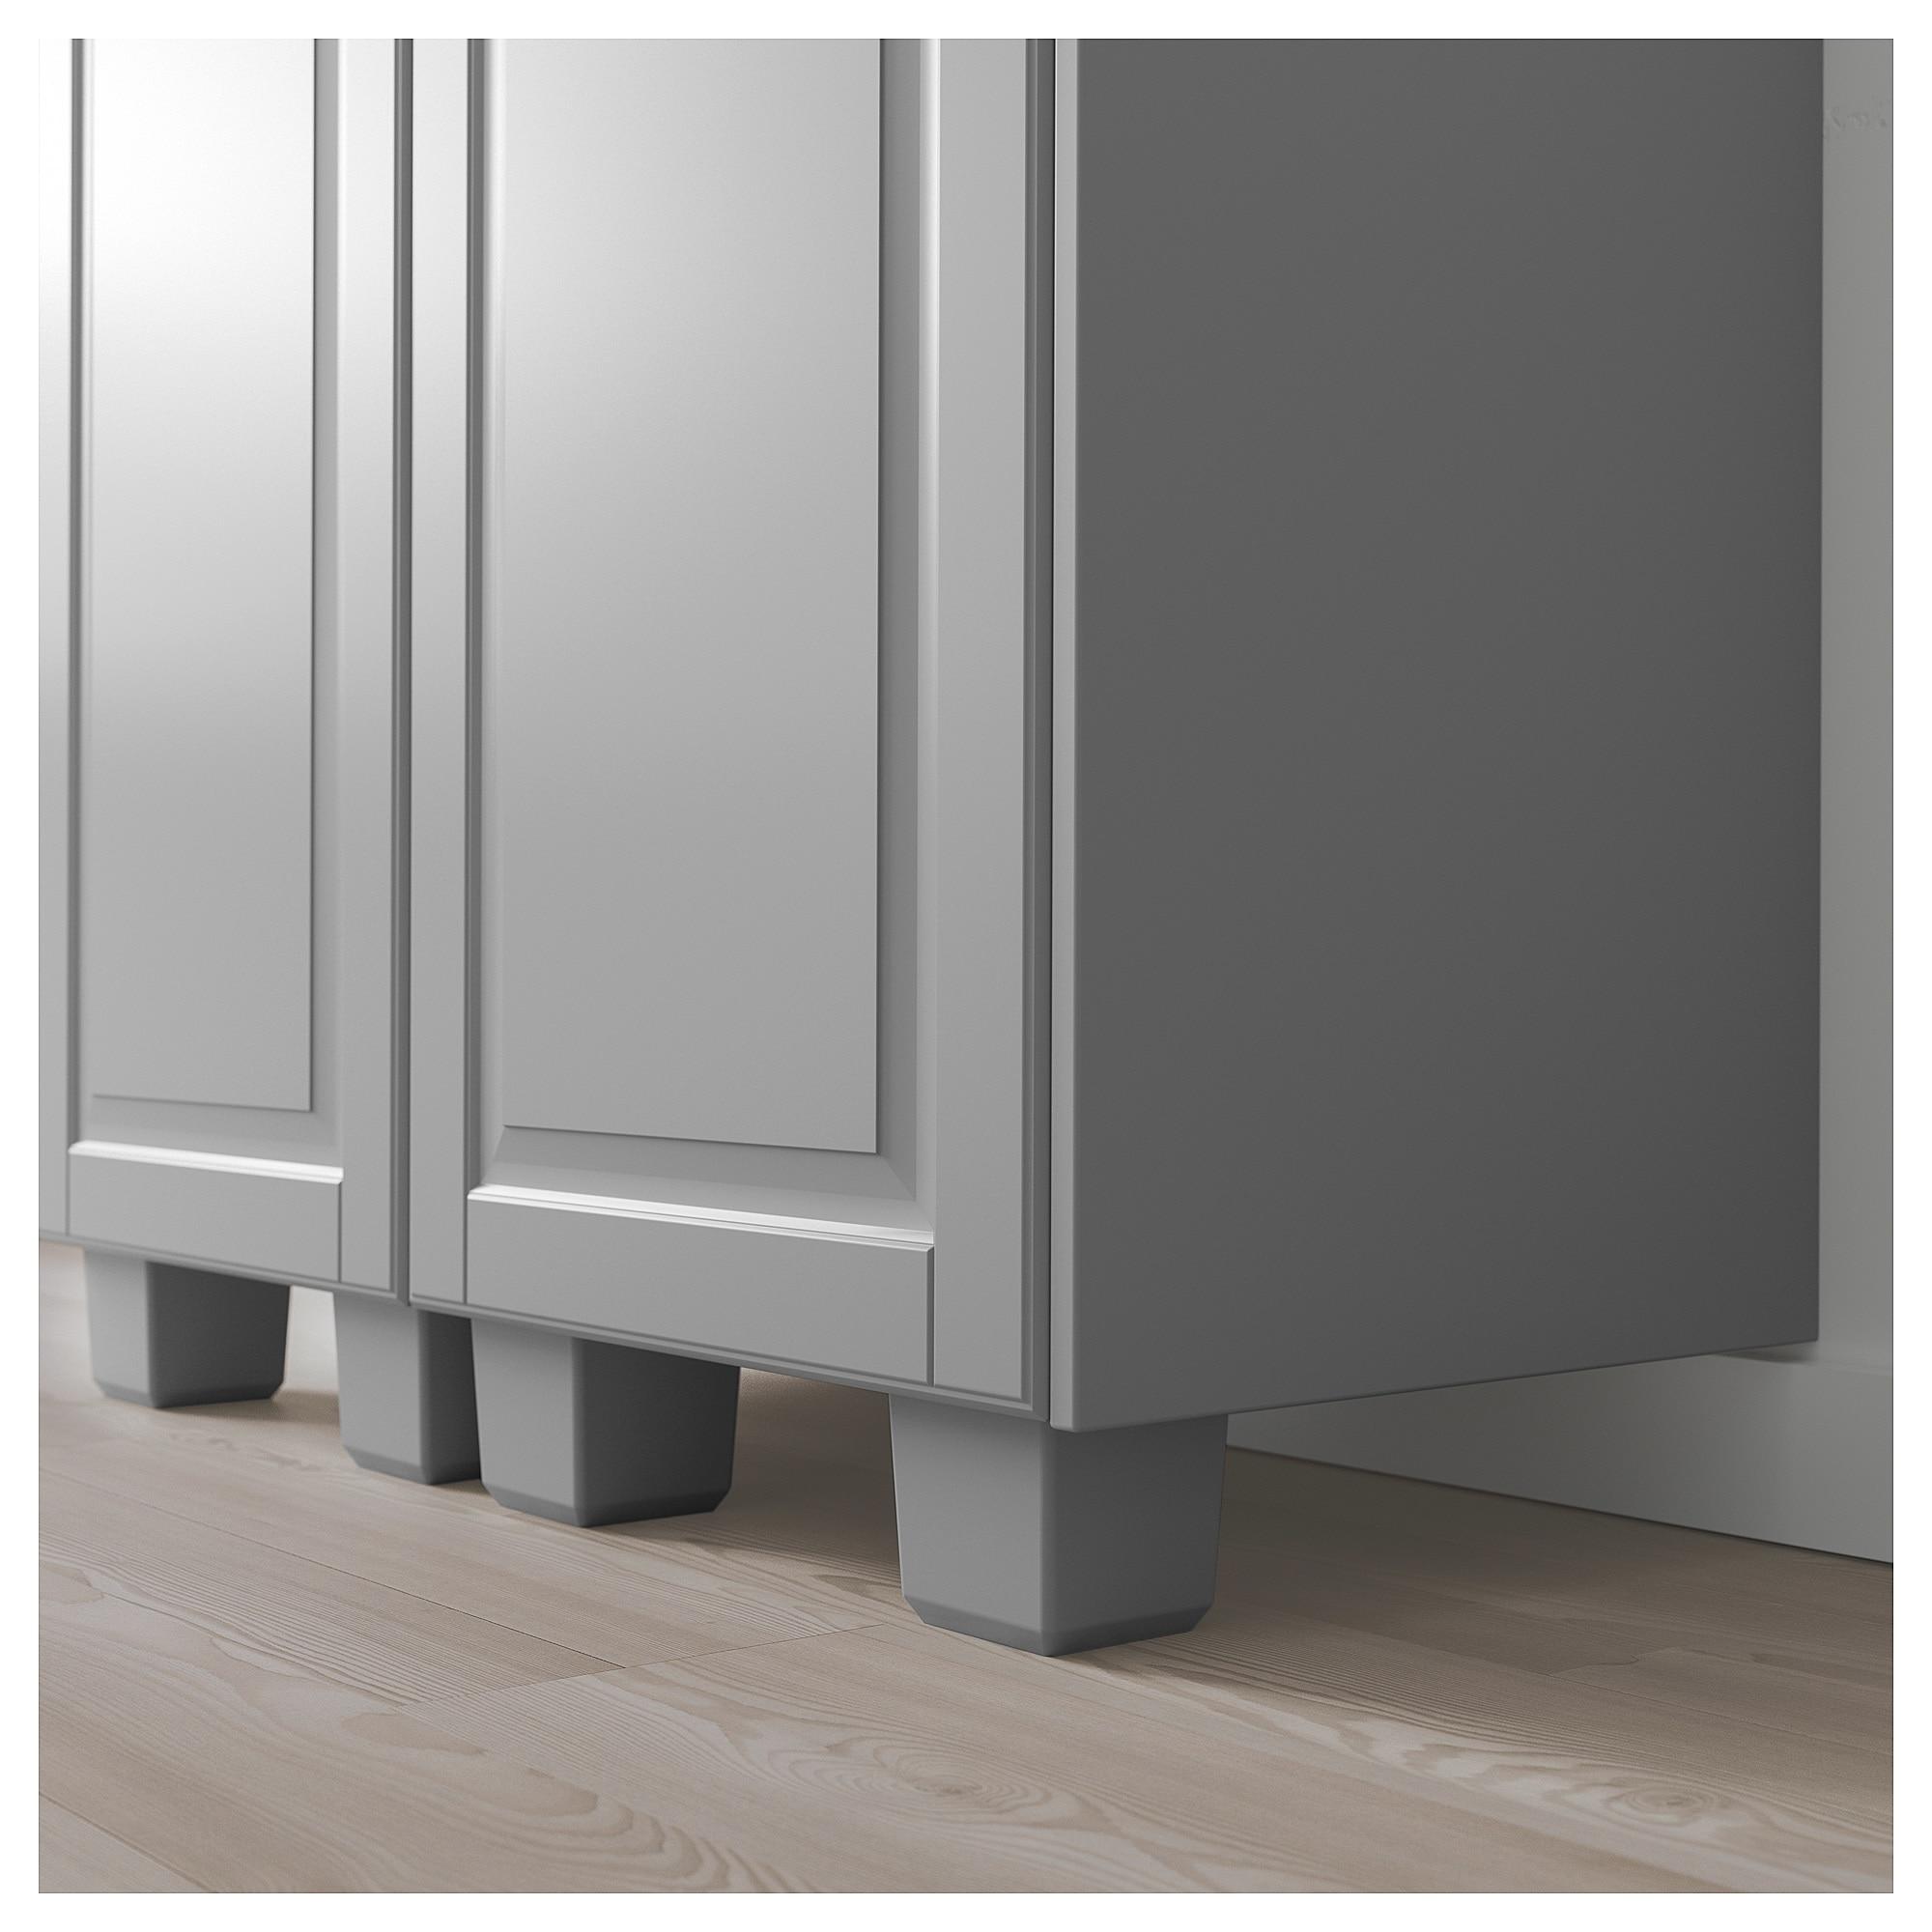 IKEA - BODBYN Leg gray | Adams in 2019 | Bodbyn, Tall